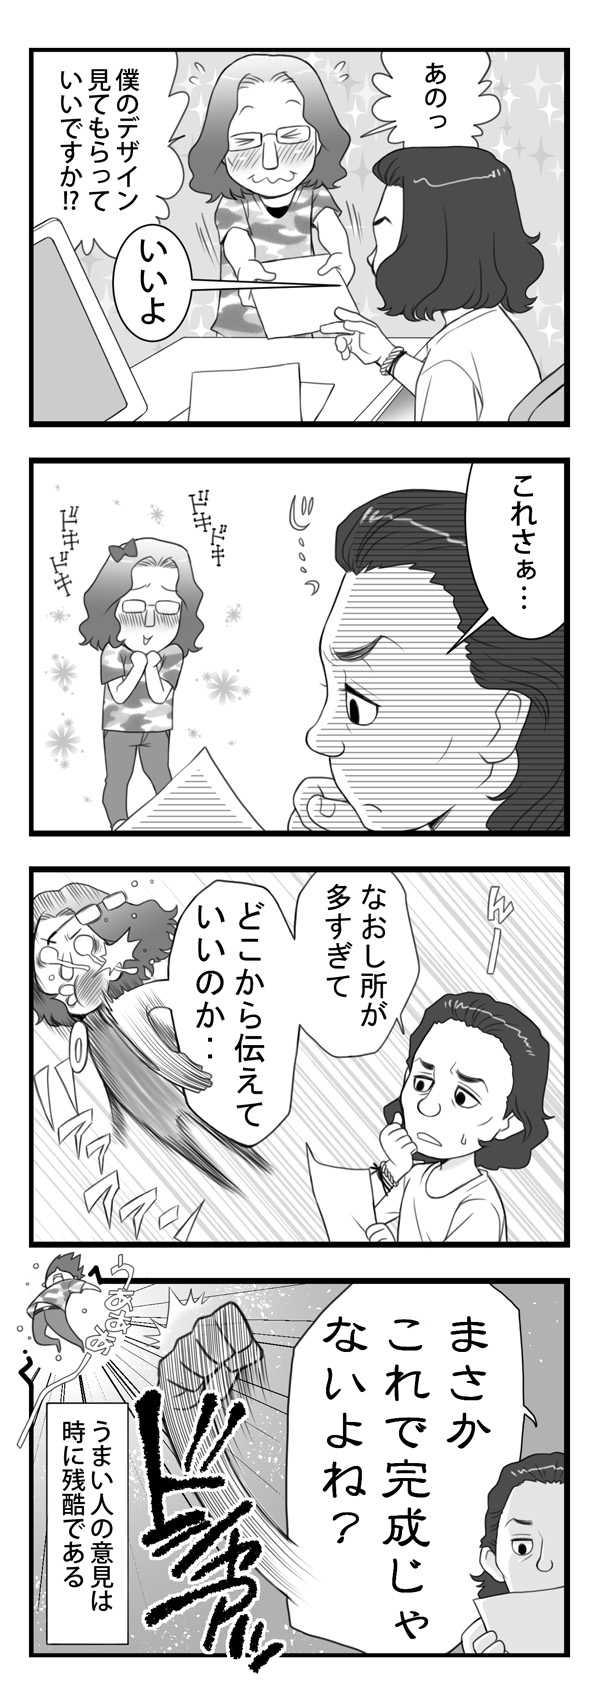 〜デキる人の日常(その2)〜